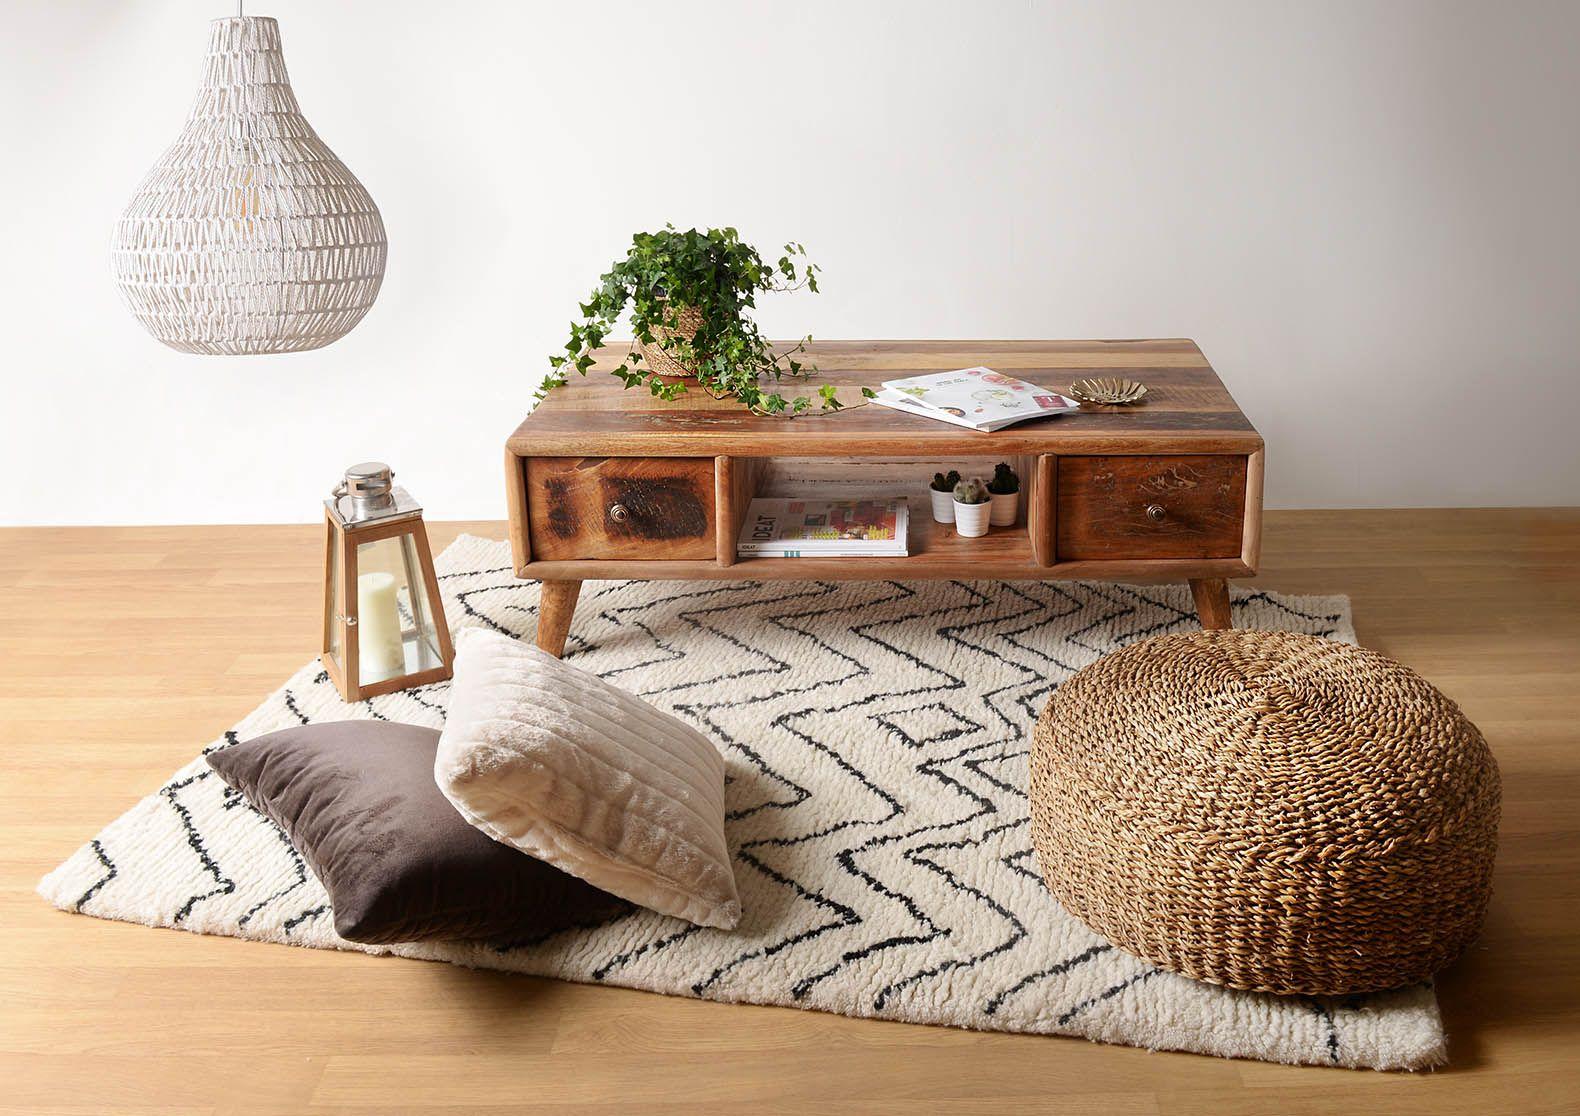 sur tapis Une notre basse recyclé en bois joli posé table PwXk80On